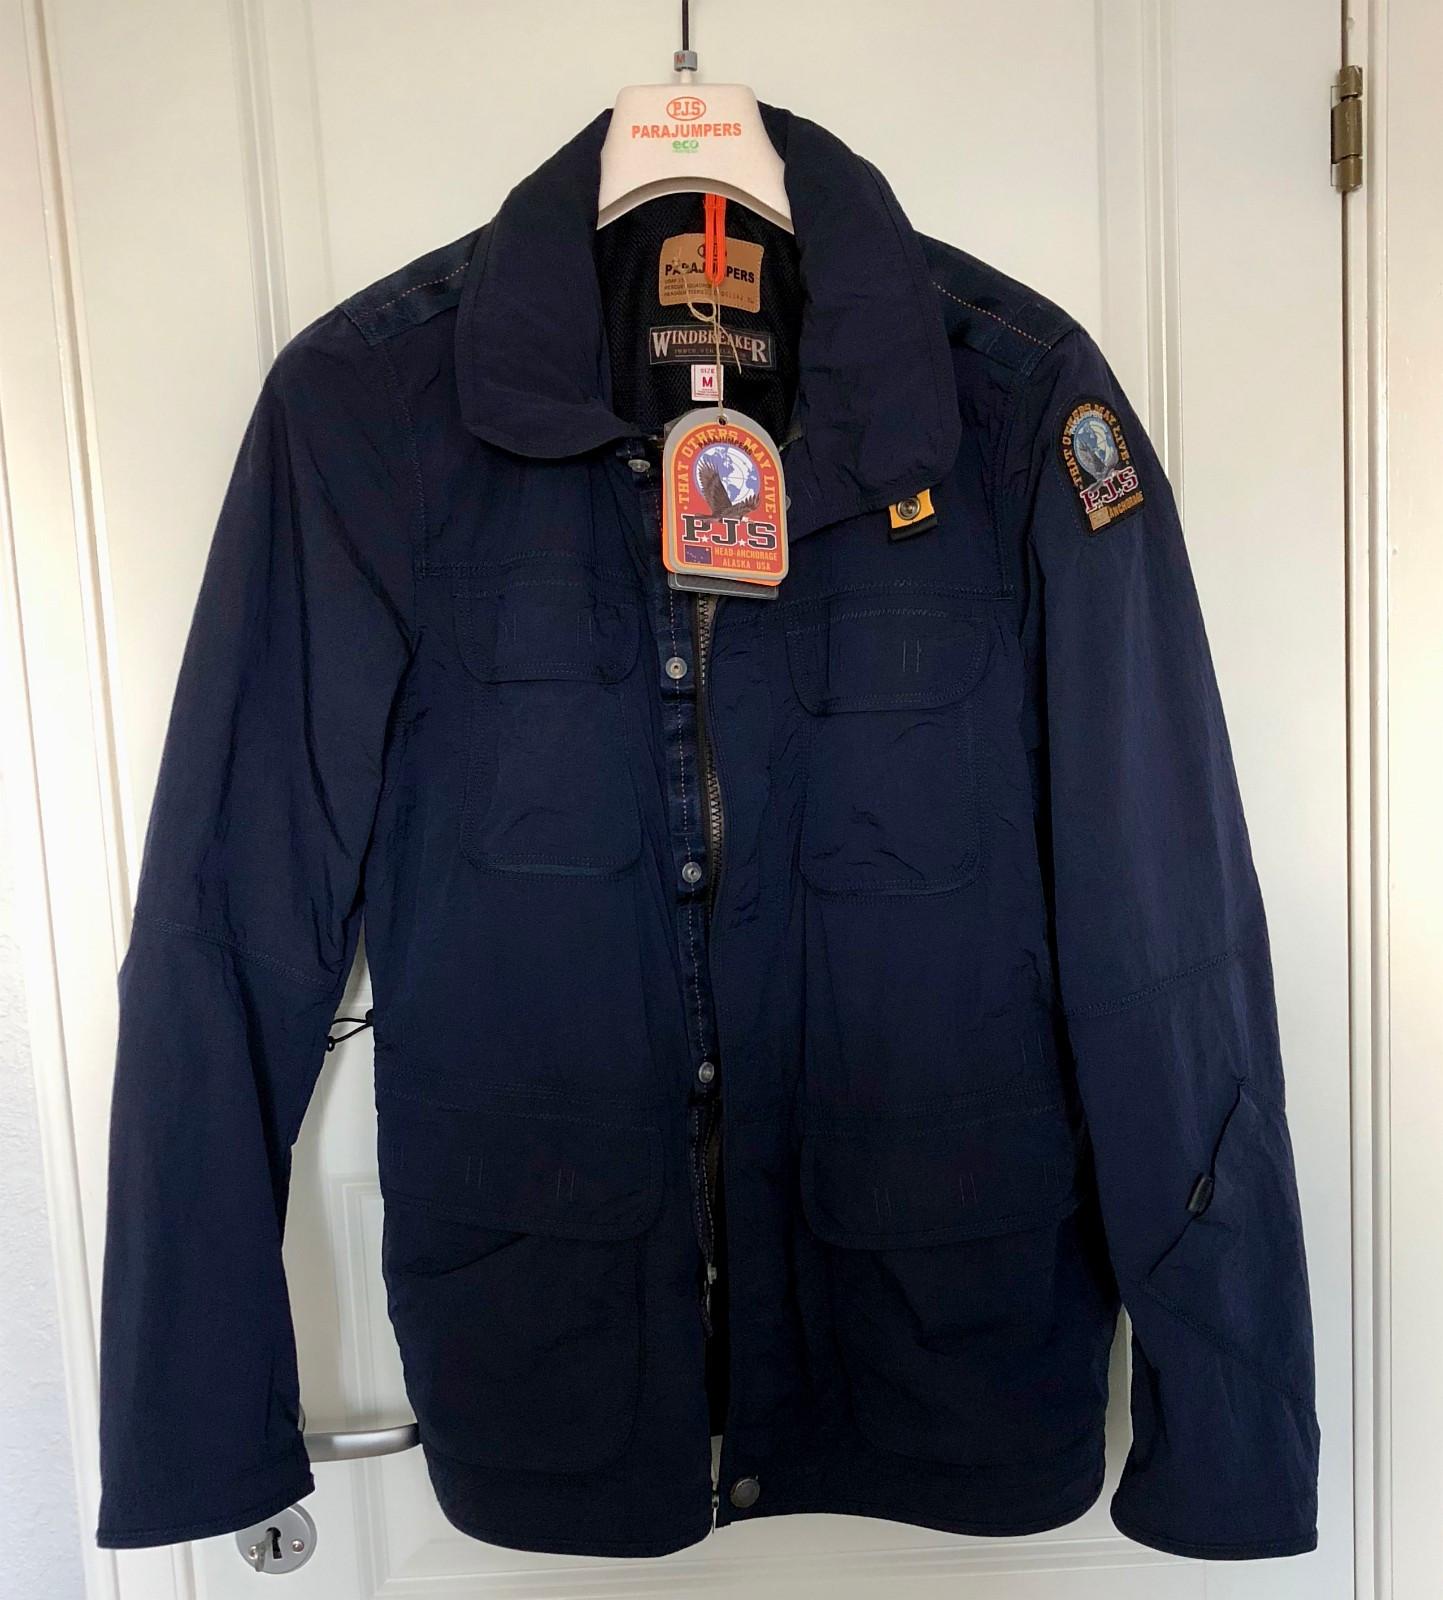 68347c1eb4ff ... release date parajumpers desert windbreaker jakke til herre finn.no  58e10 59843